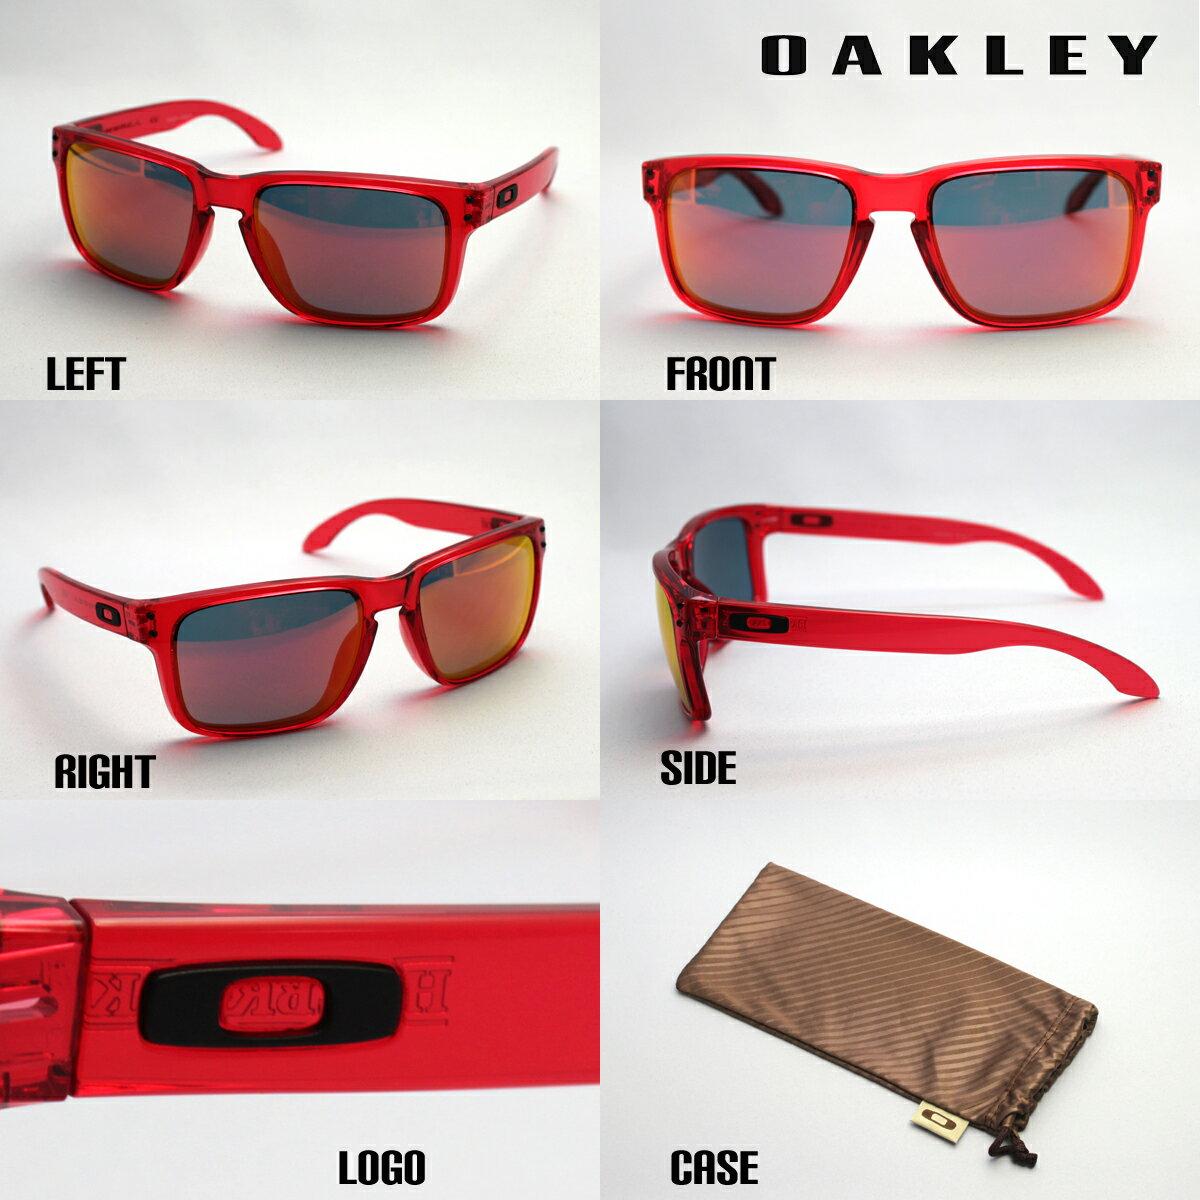 Goggles Oakley Jawbreaker Sunglasses Oakley, Inc